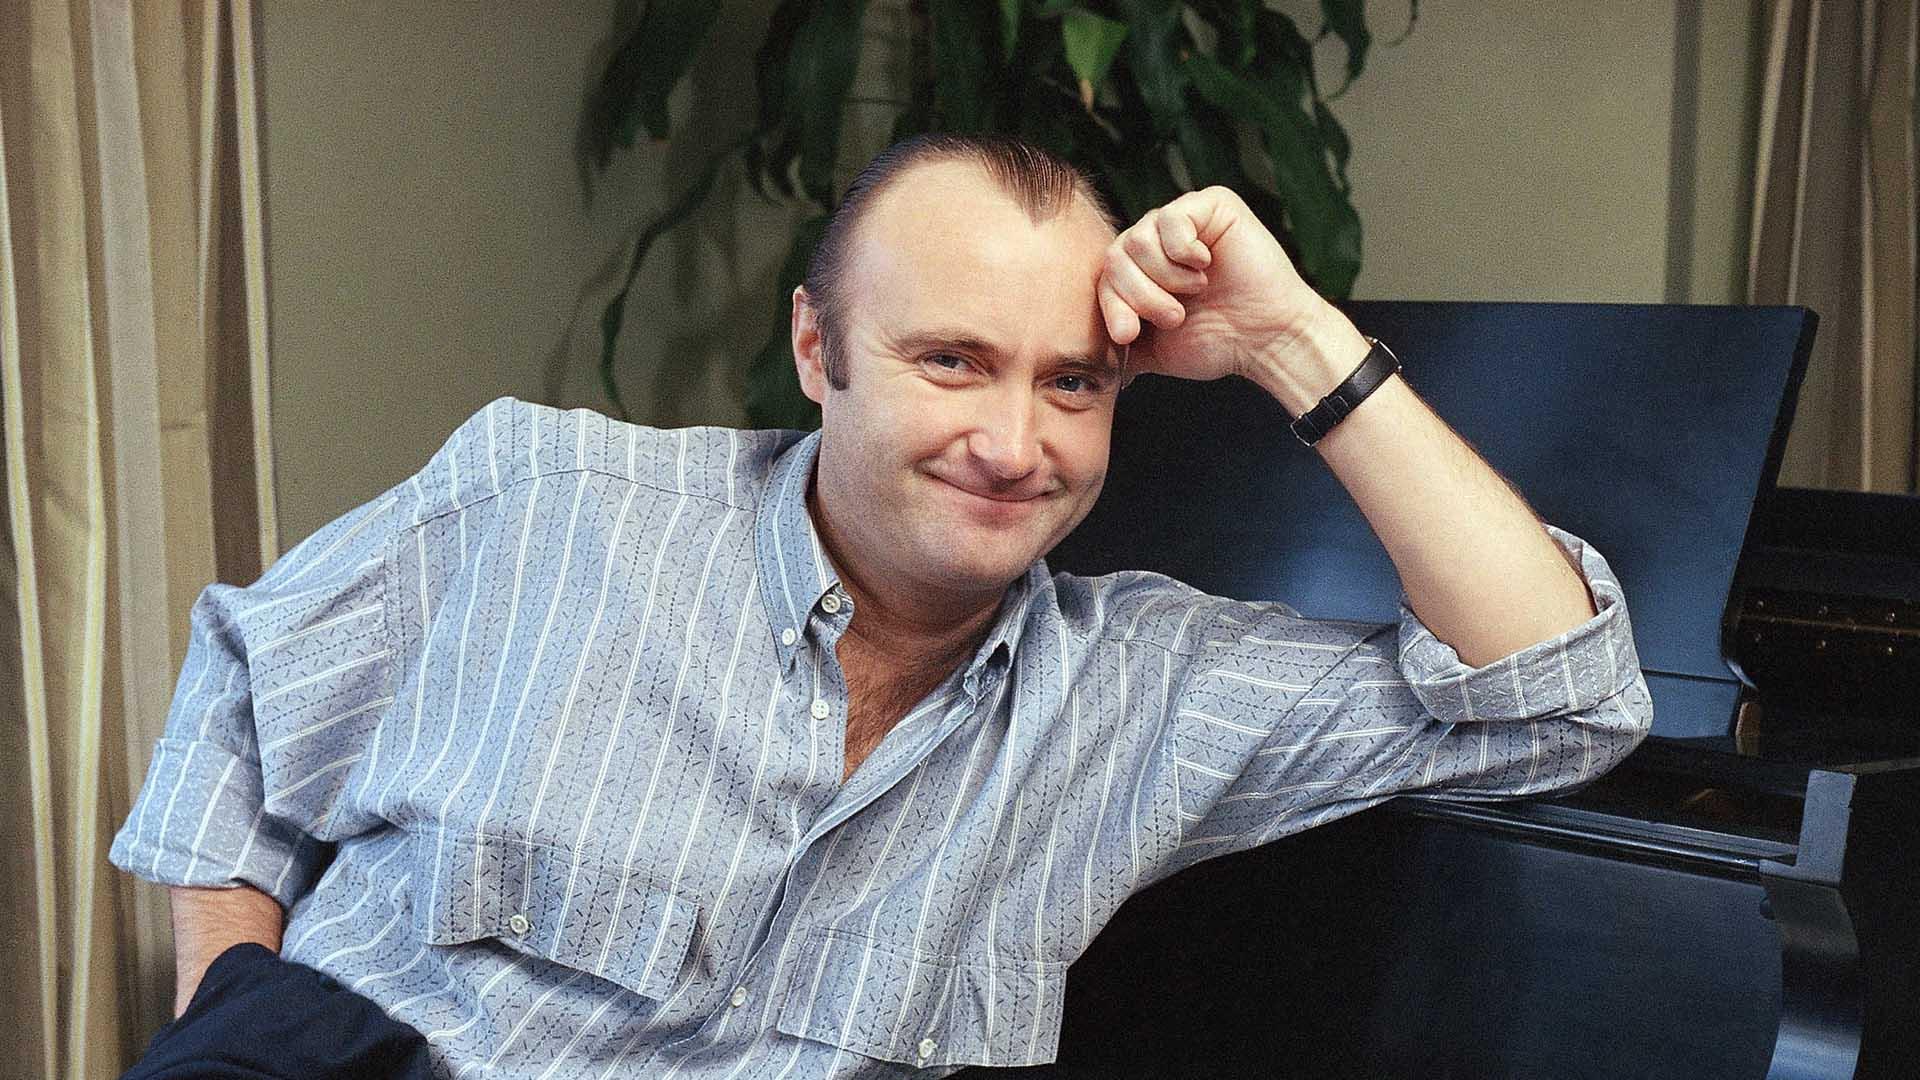 El cantante británico lanzará sus ocho álbumes solistas remasterizados, un cd con versiones en vivo y temas inéditos